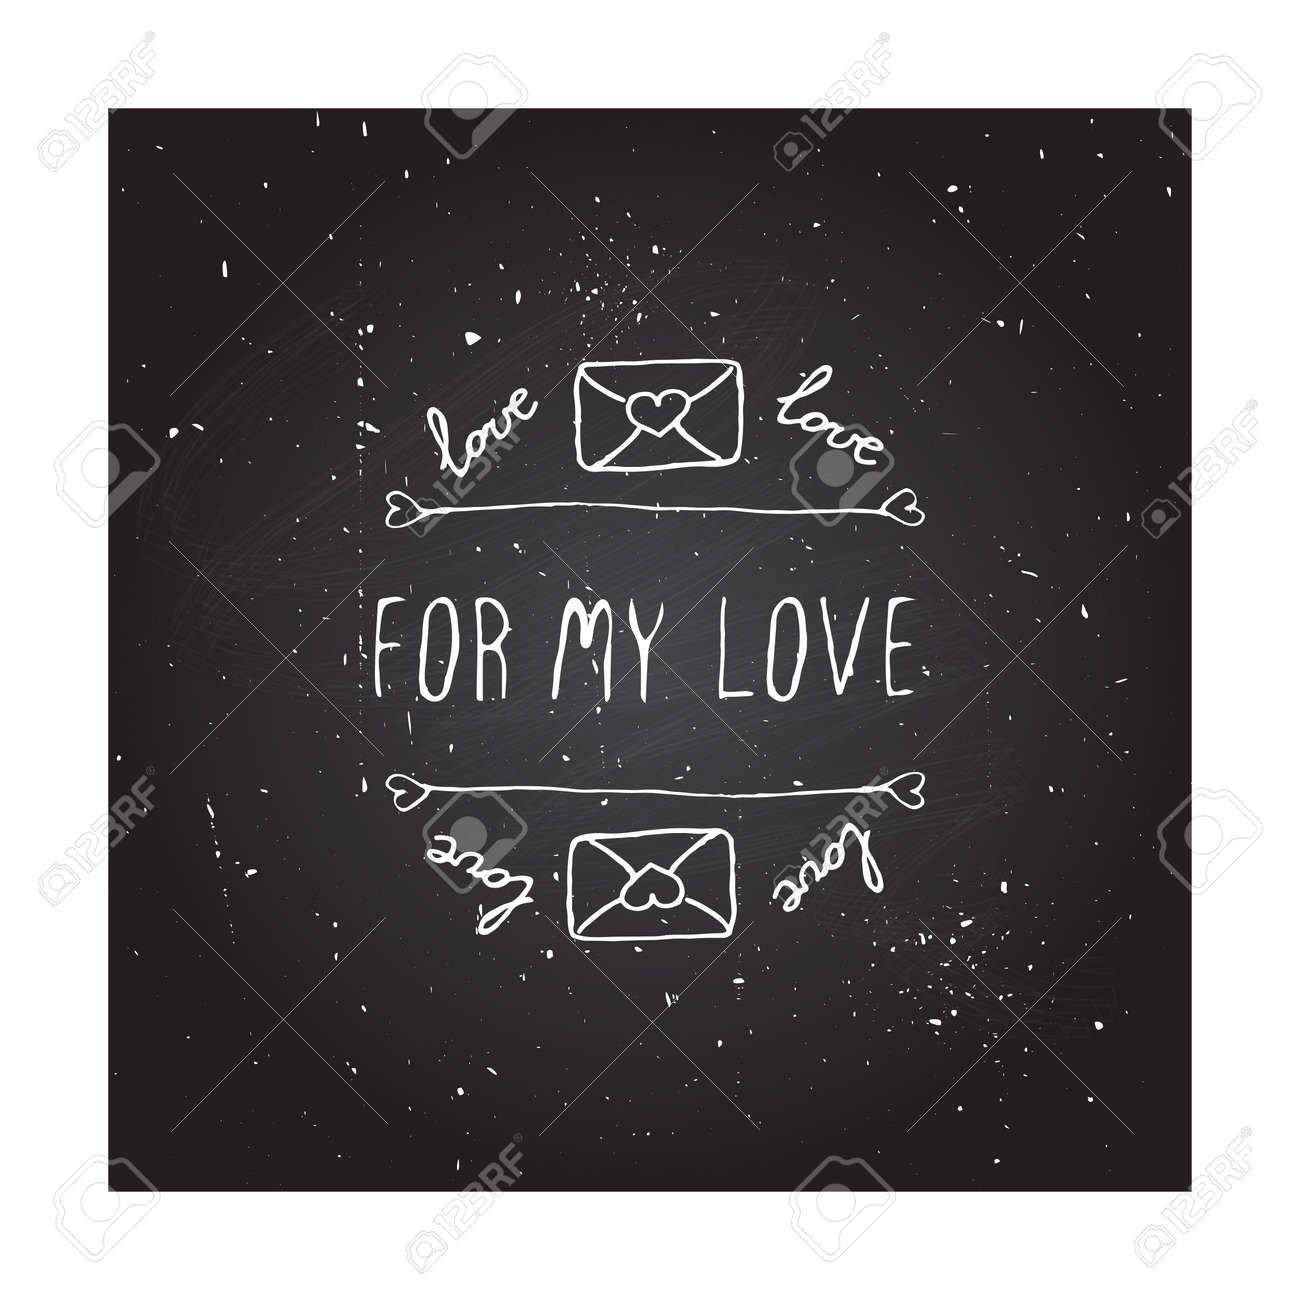 Saint Valentines Jour Carte De Voeux Pour Mon Amour Bannière Typographic Avec Du Texte Et Des Lettres Damour Sur Fond Tableau Vector Handdrawn